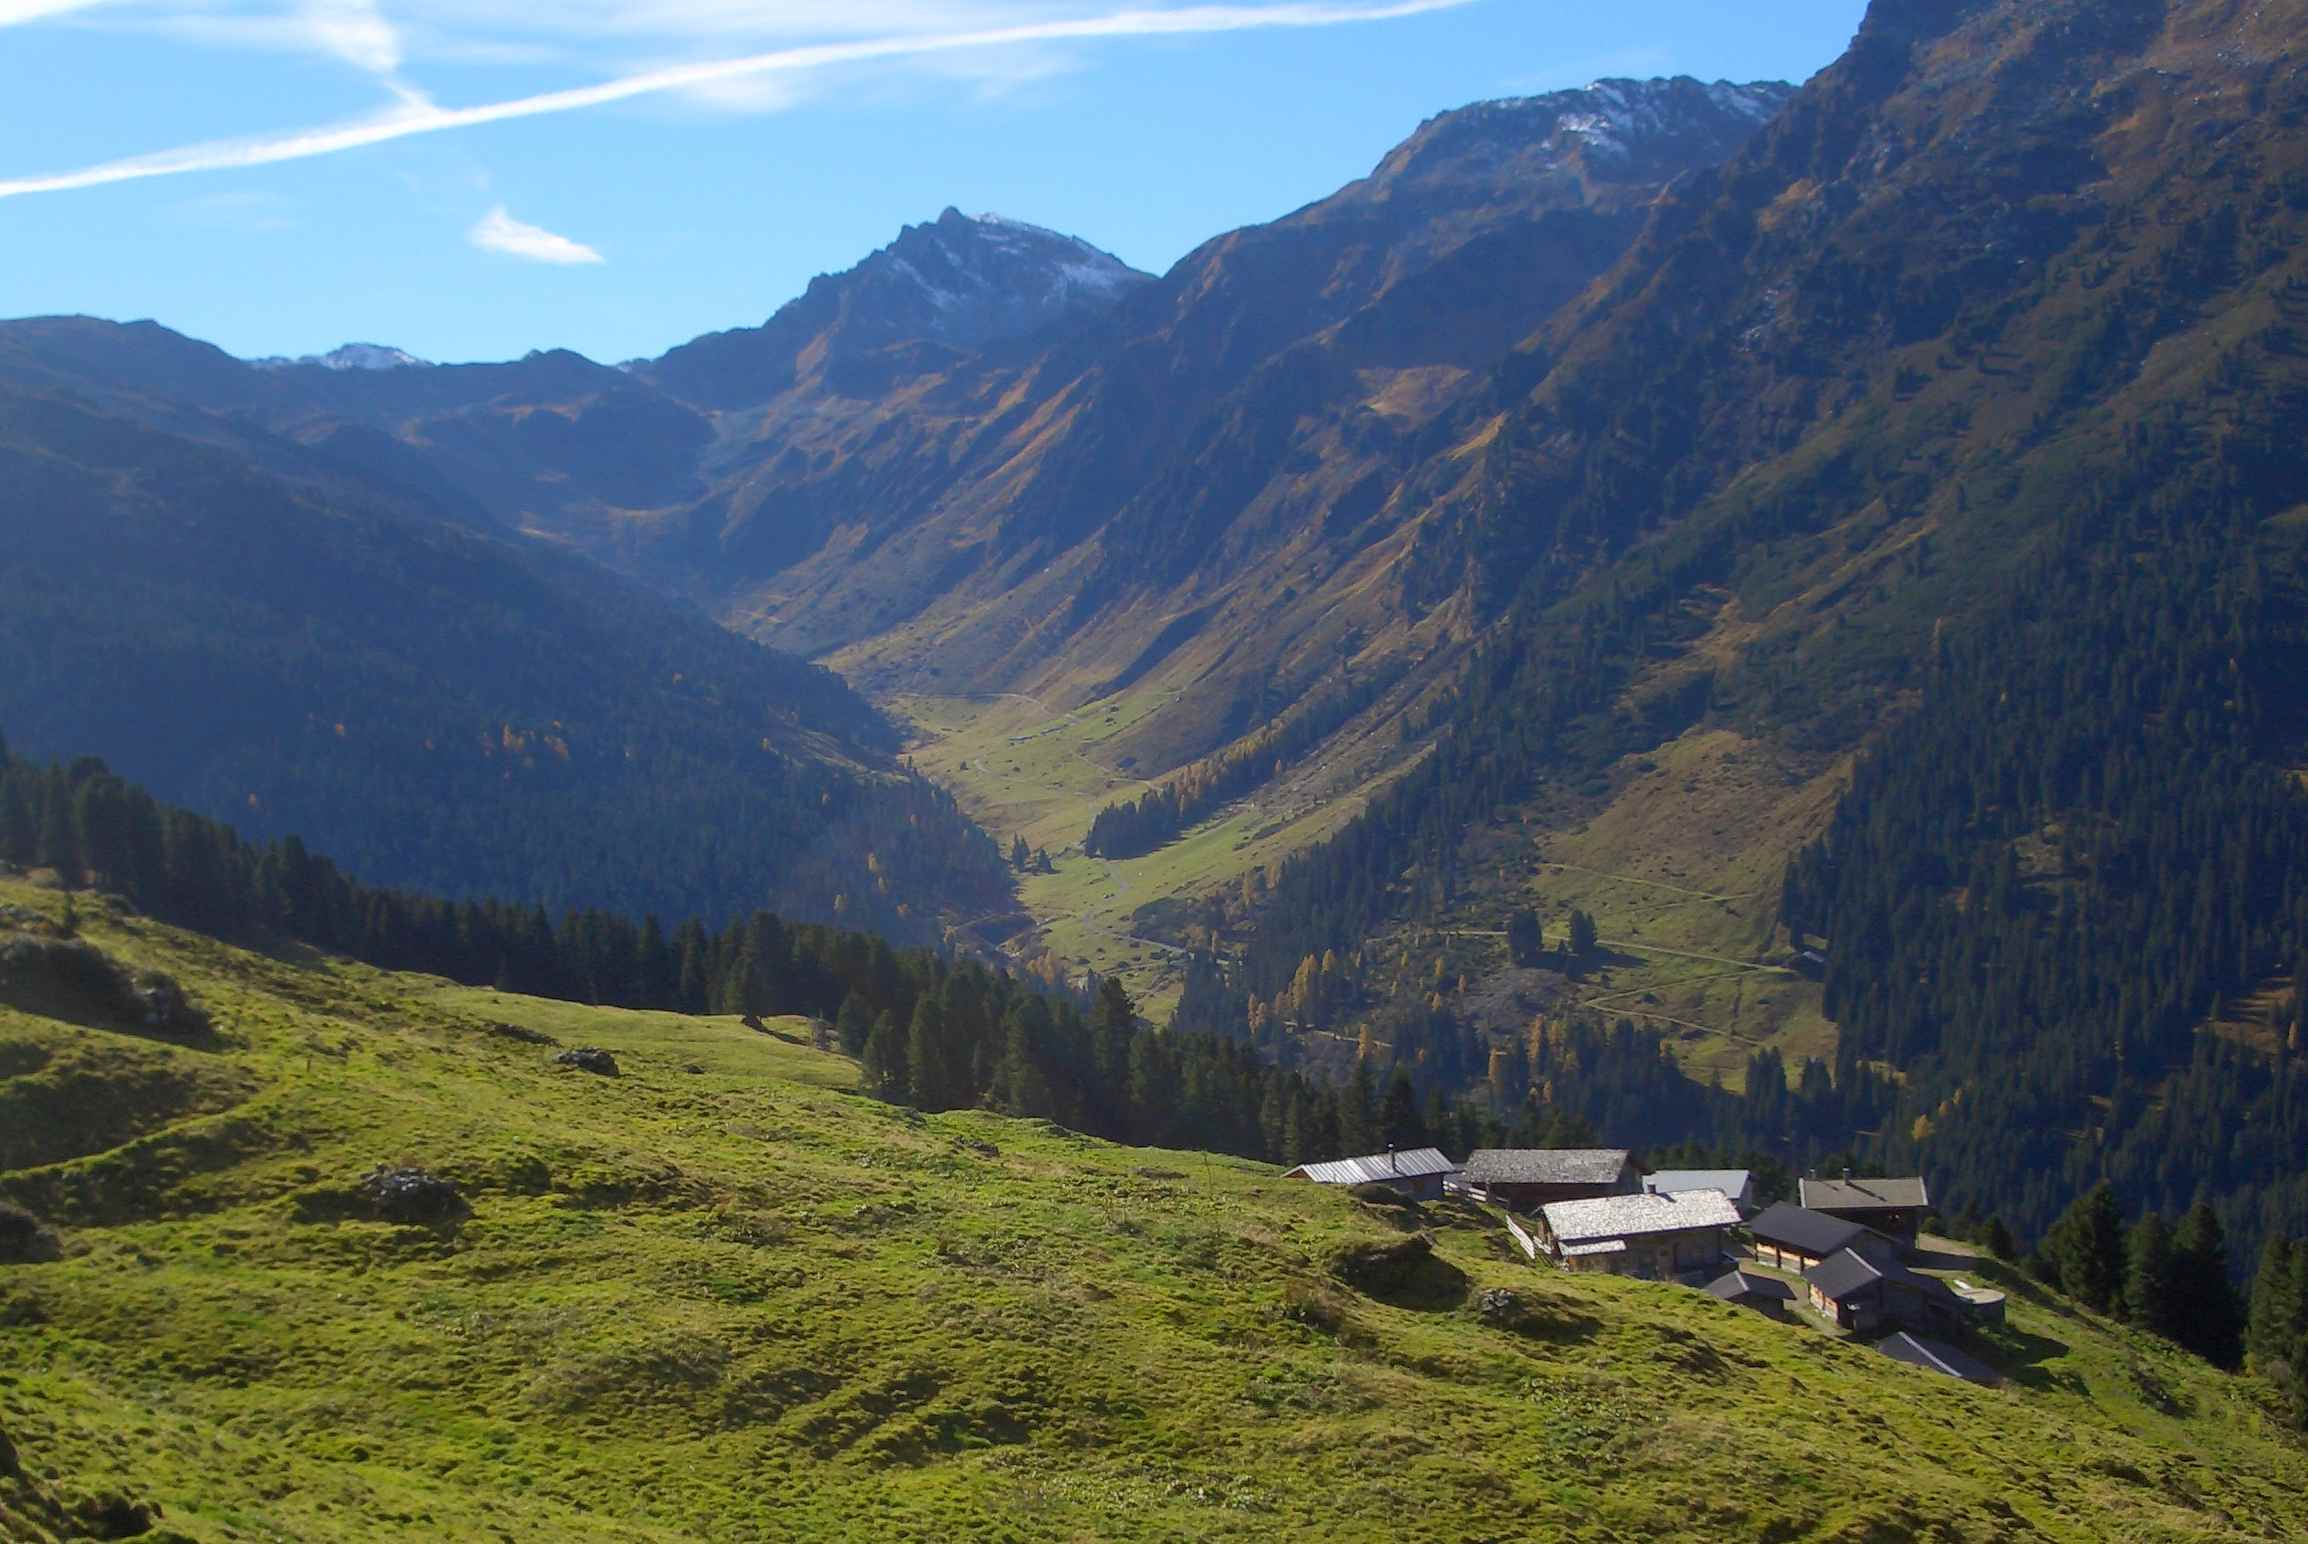 Von Innerst auf dem Bettlerweg zur Weidener Hütte wandern, Tuxer Alpen